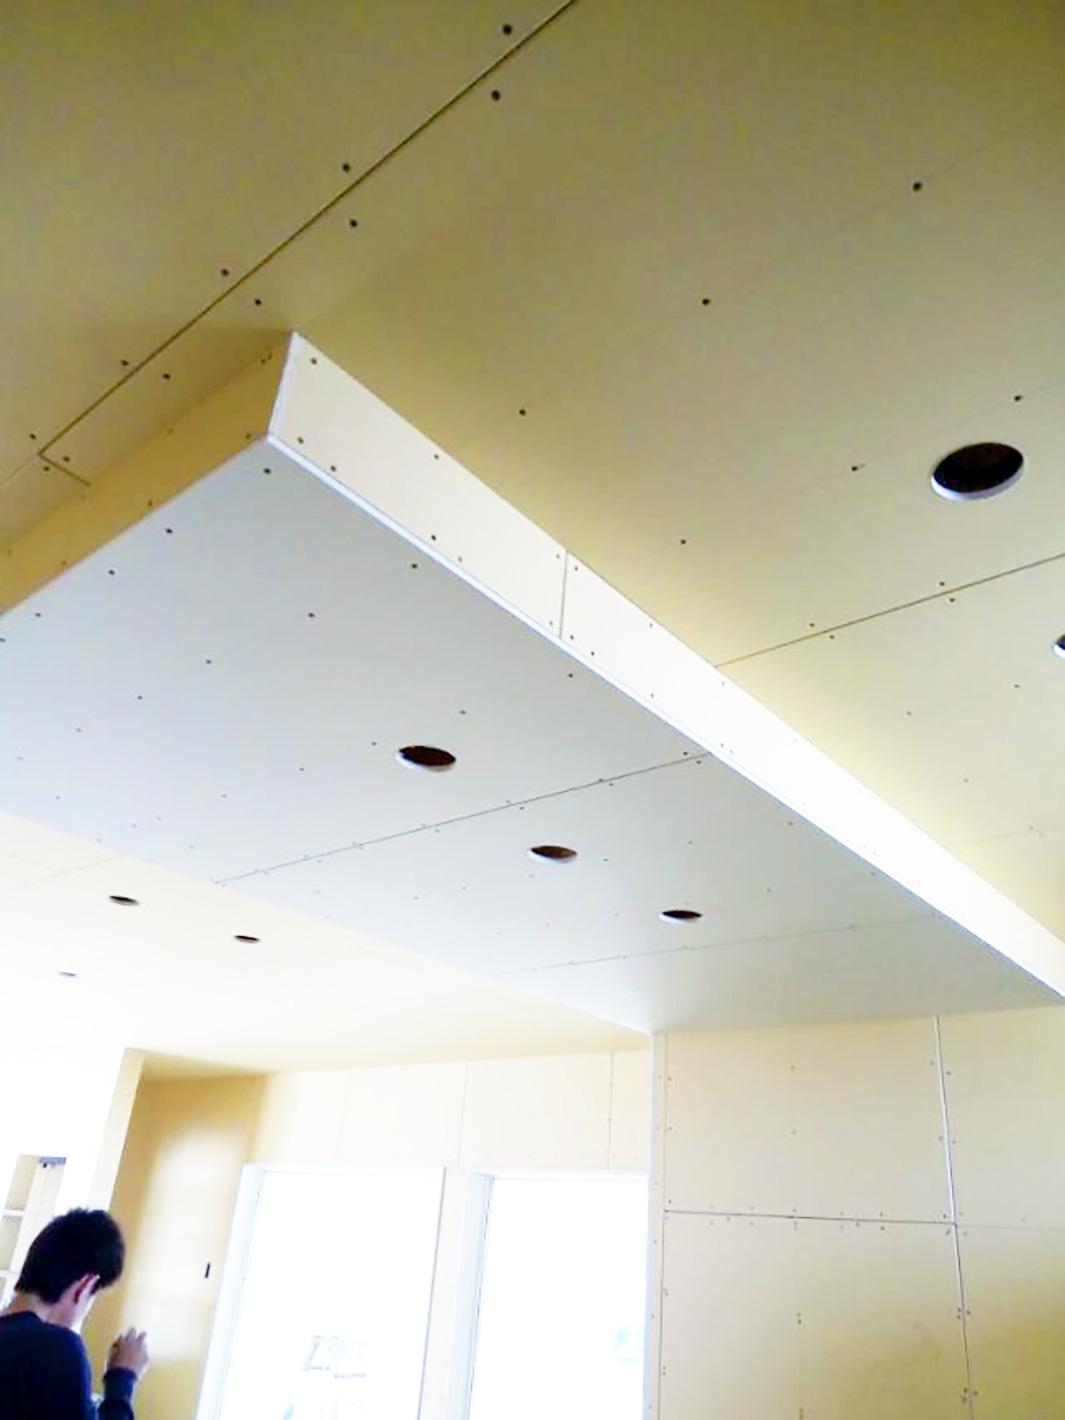 リフレクティックス(遮熱材)の家 - 電気配線工事の真っ只中